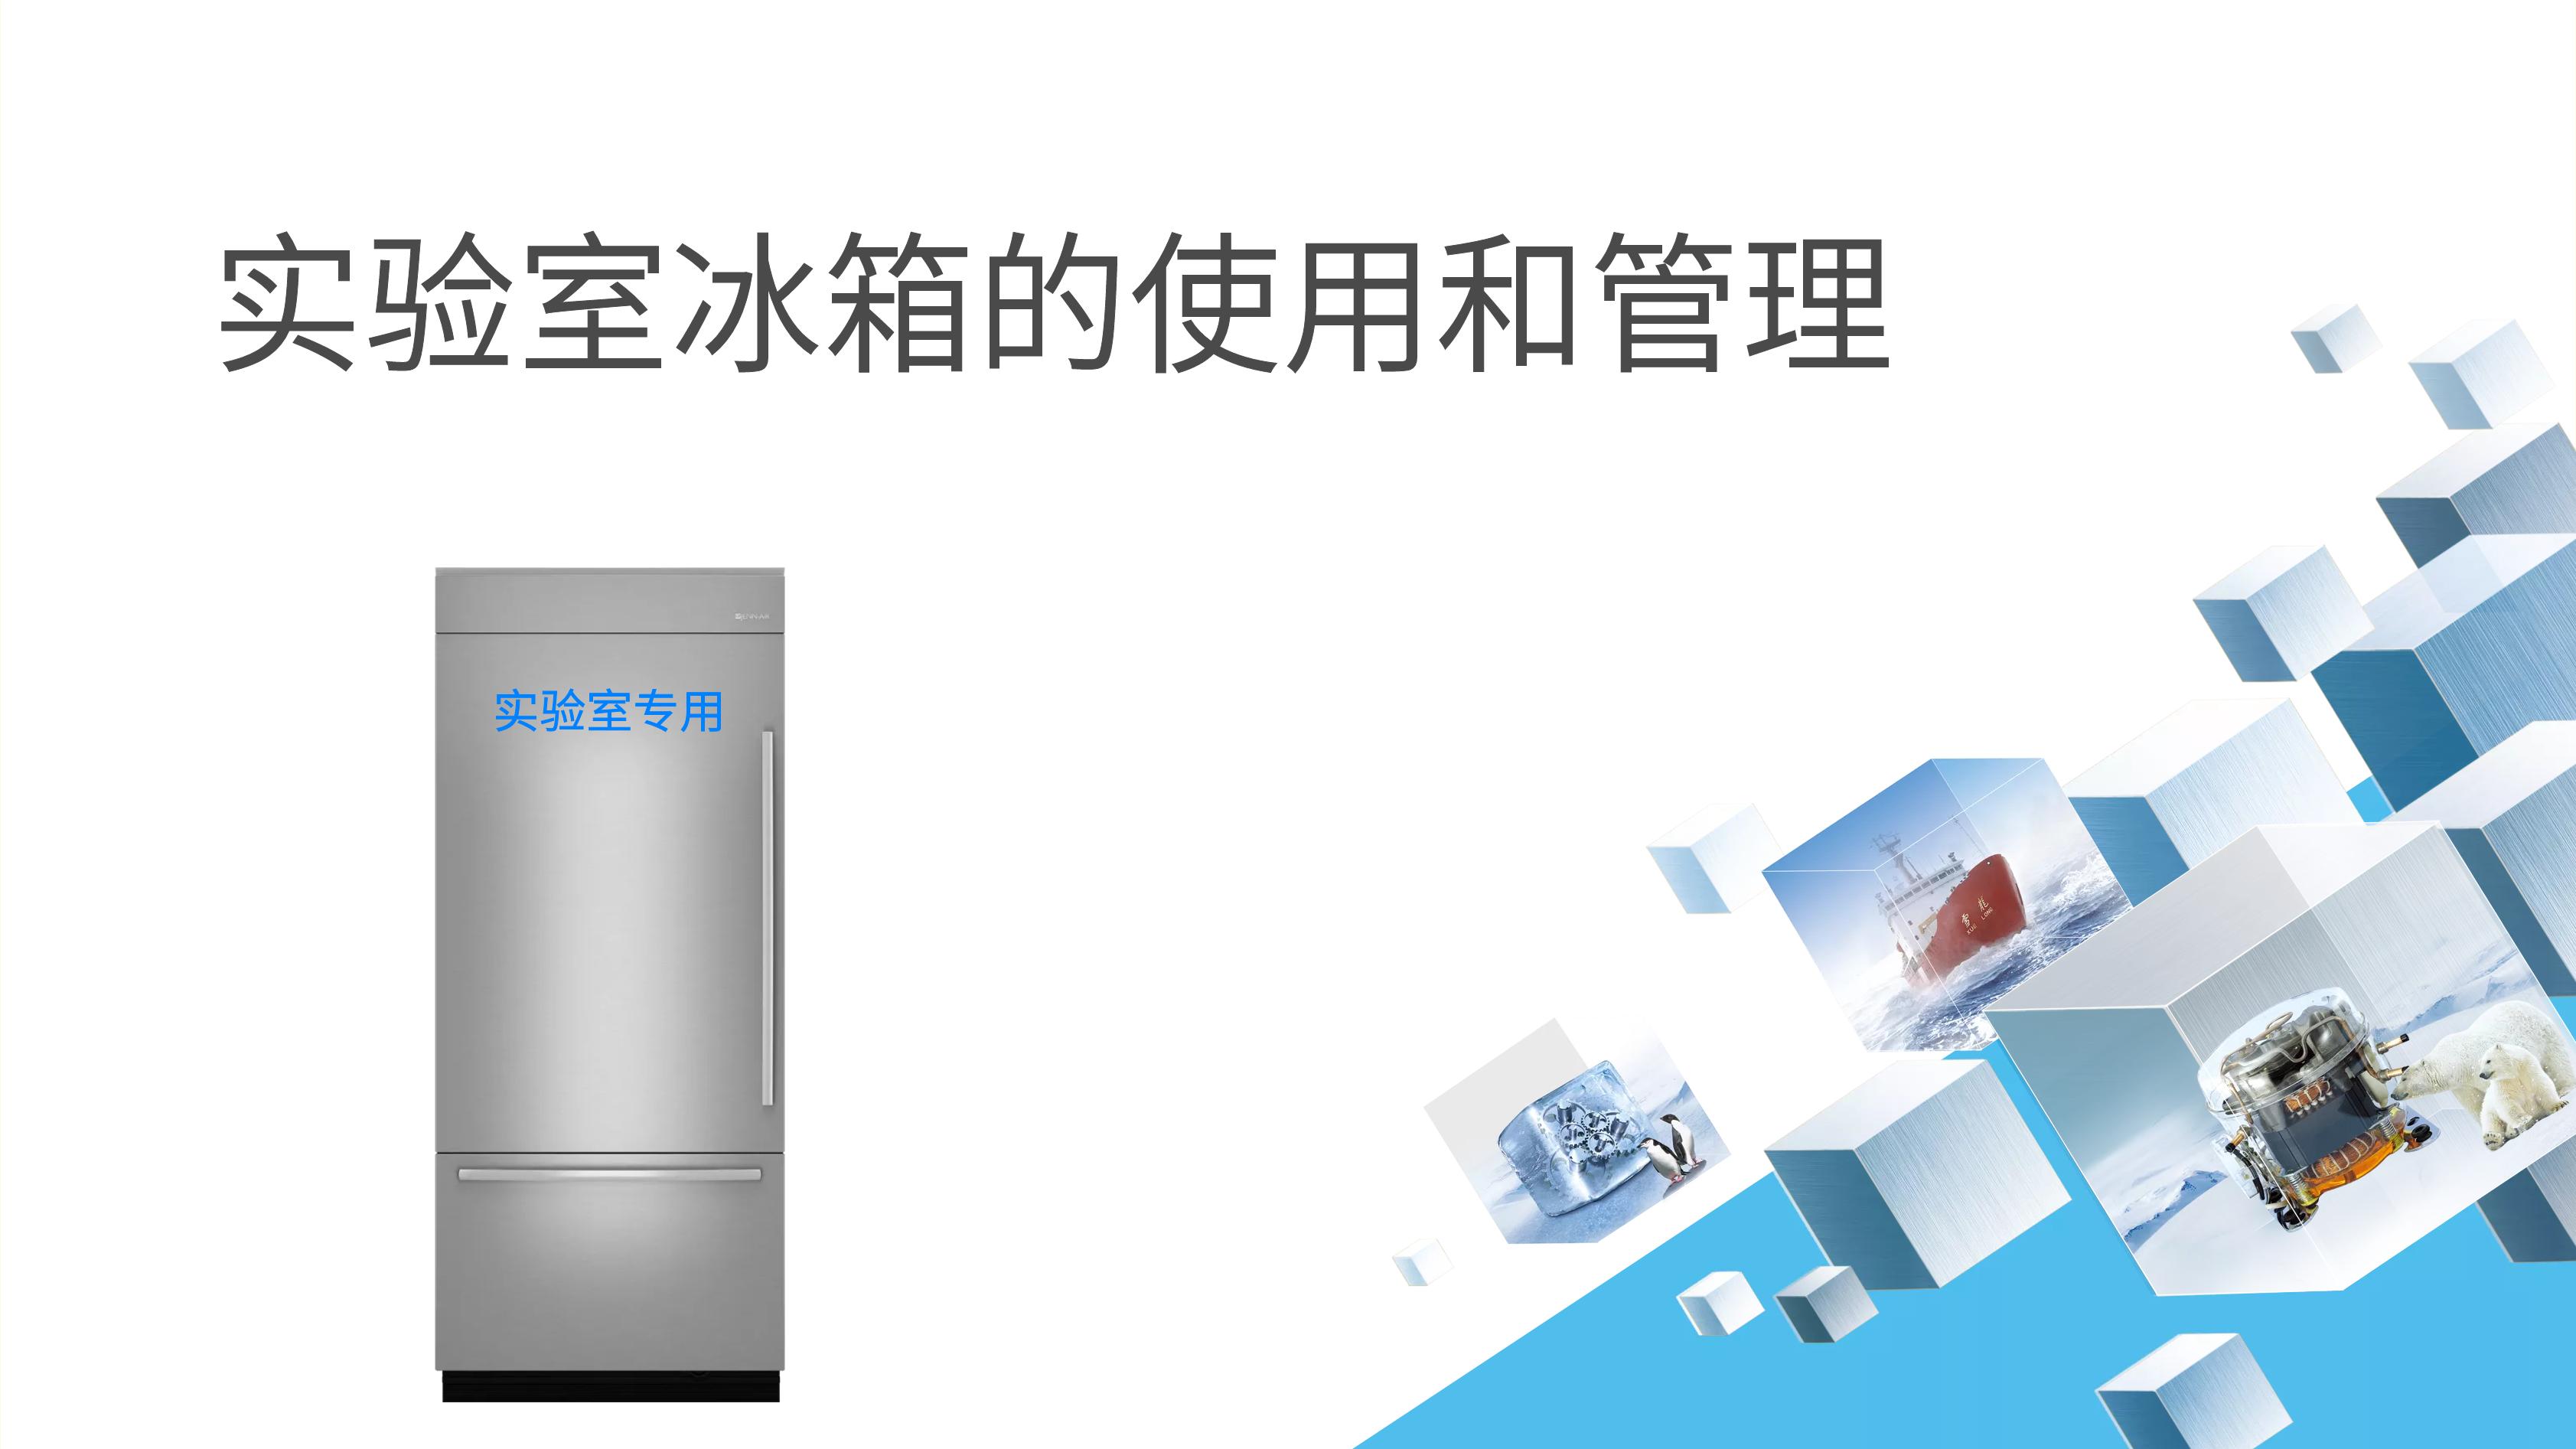 实验室冰箱的使用和管理